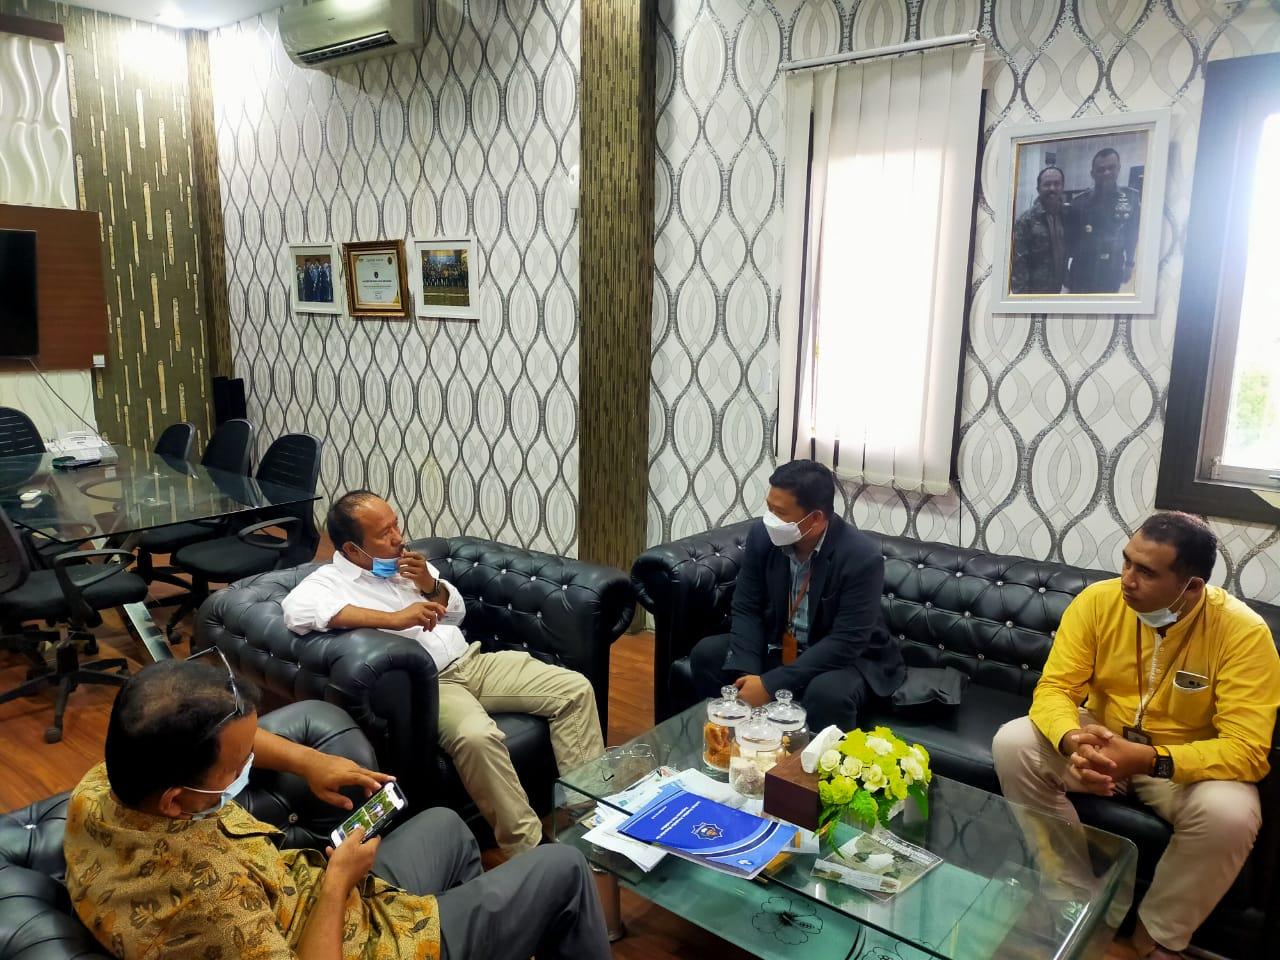 Pemimpin Cabang BRI Insurance Aceh Syariah, Ashar Anwar (kedua dari kanan) dan Rektor Universitas Teuku Umar (kedua dari kiri) berdiskusi tentang asuransi di ruang rektor Universitas Teuku Umar, Meulaboh (19/03)